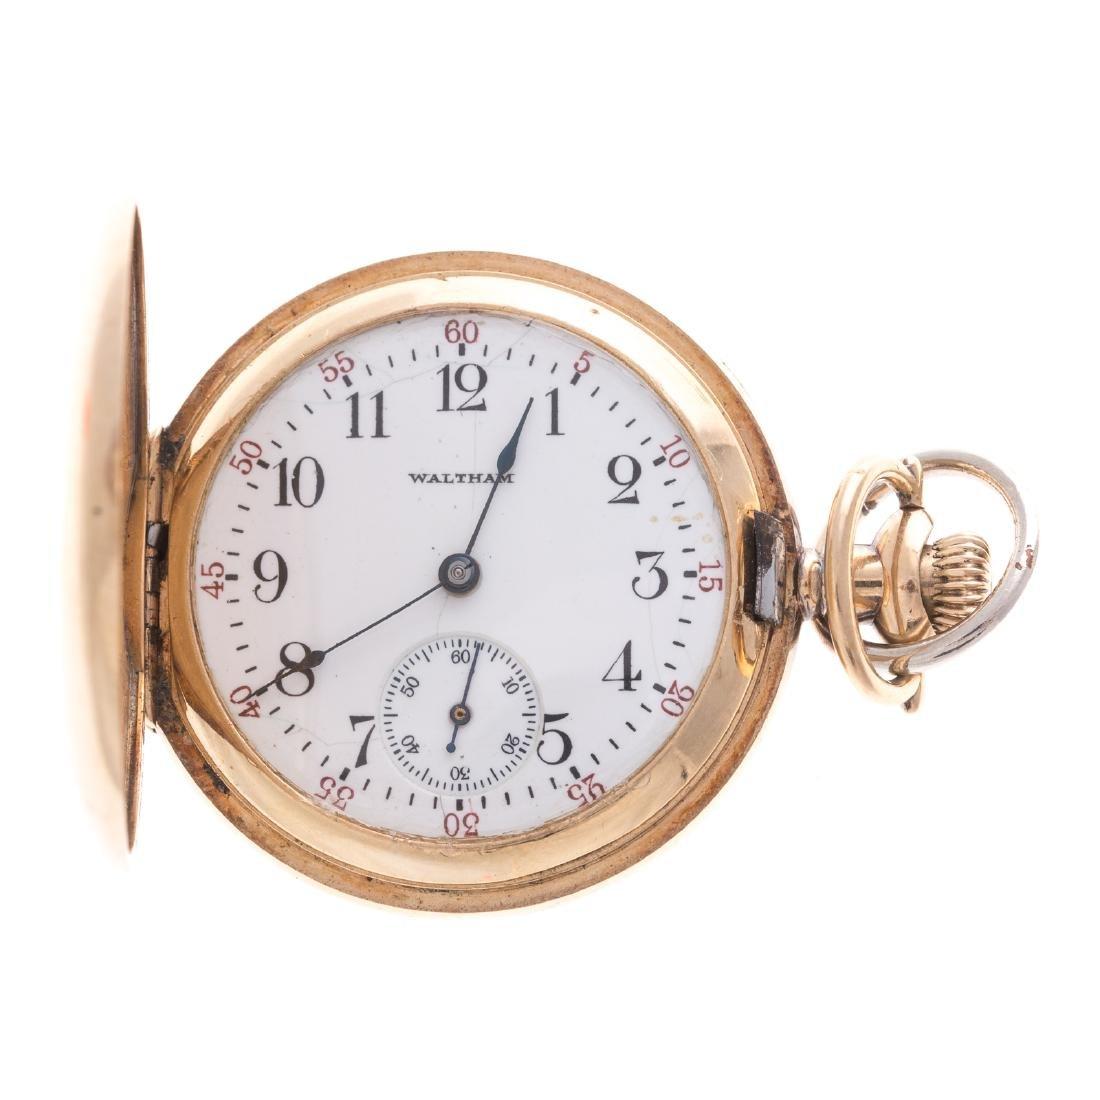 Two Gentlemen's Vintage Pocket Watches - 2